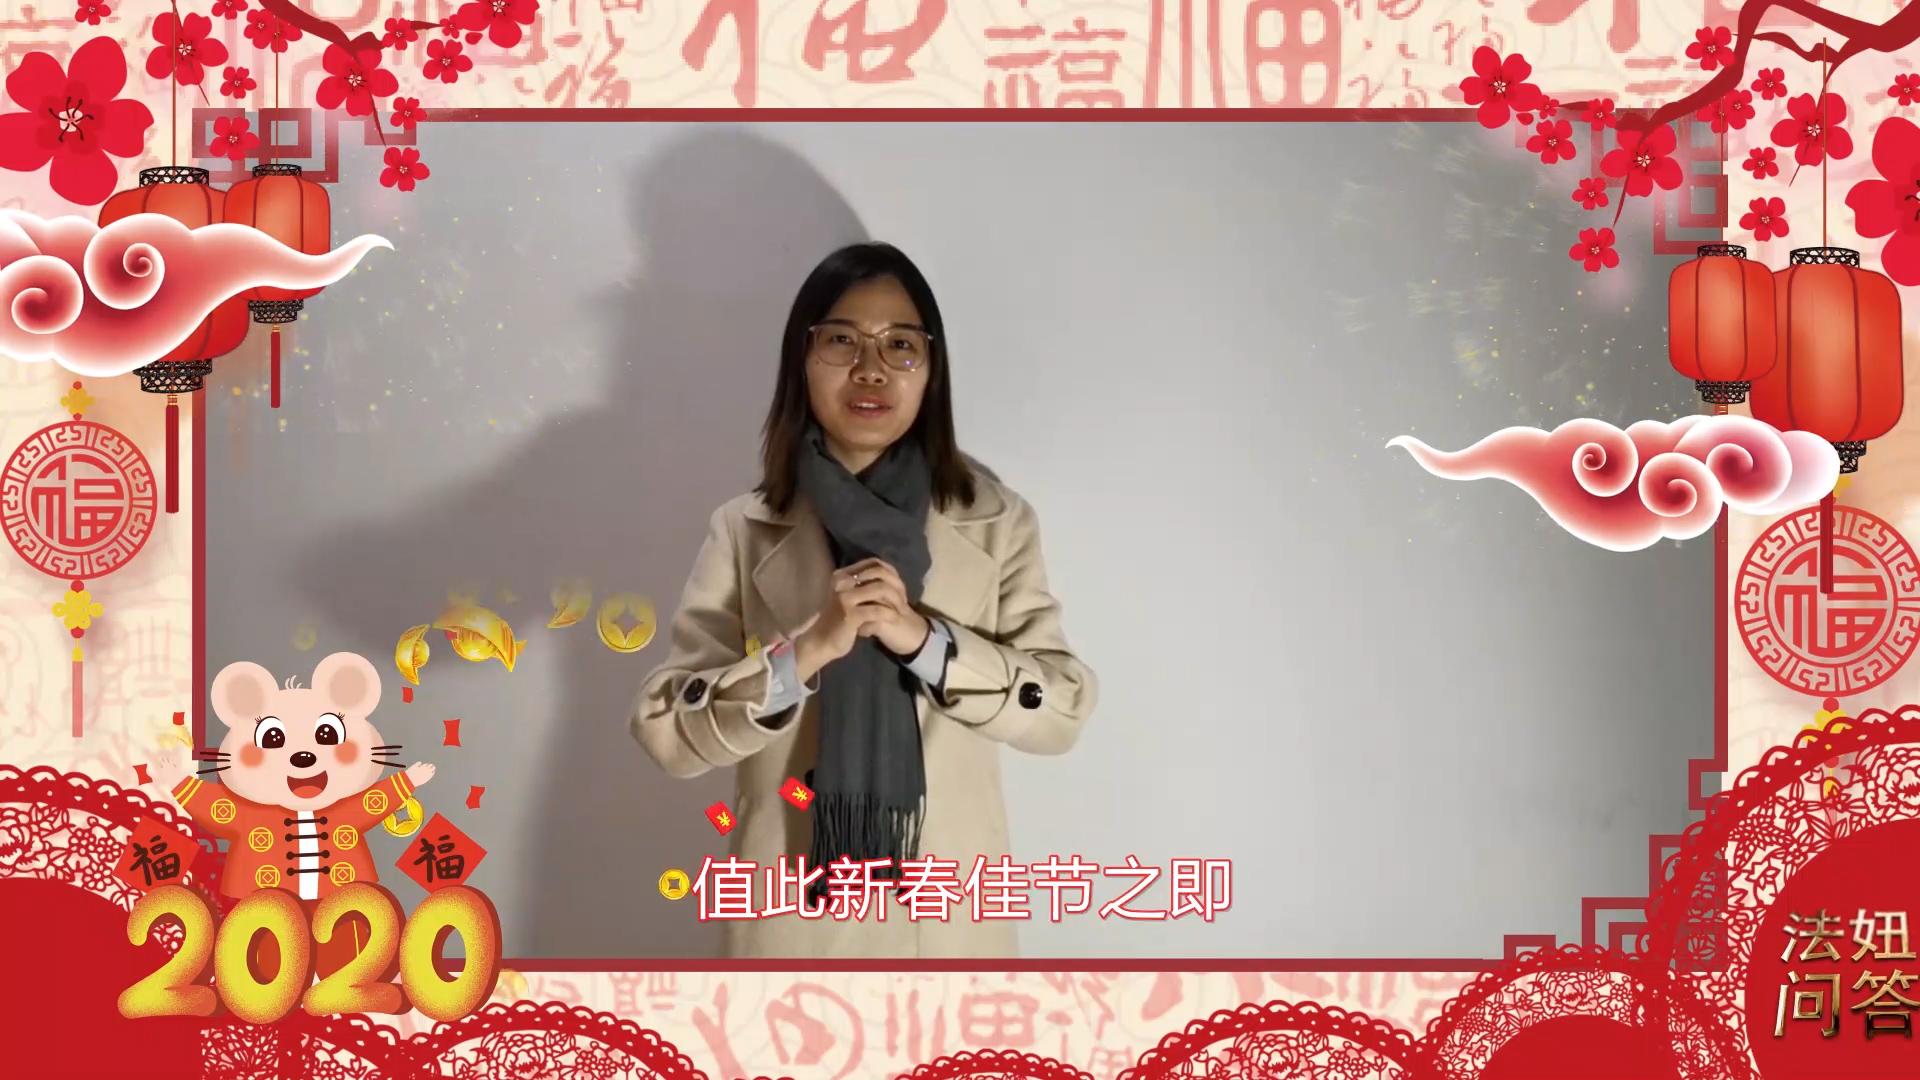 唐梦莹律师拜年视频